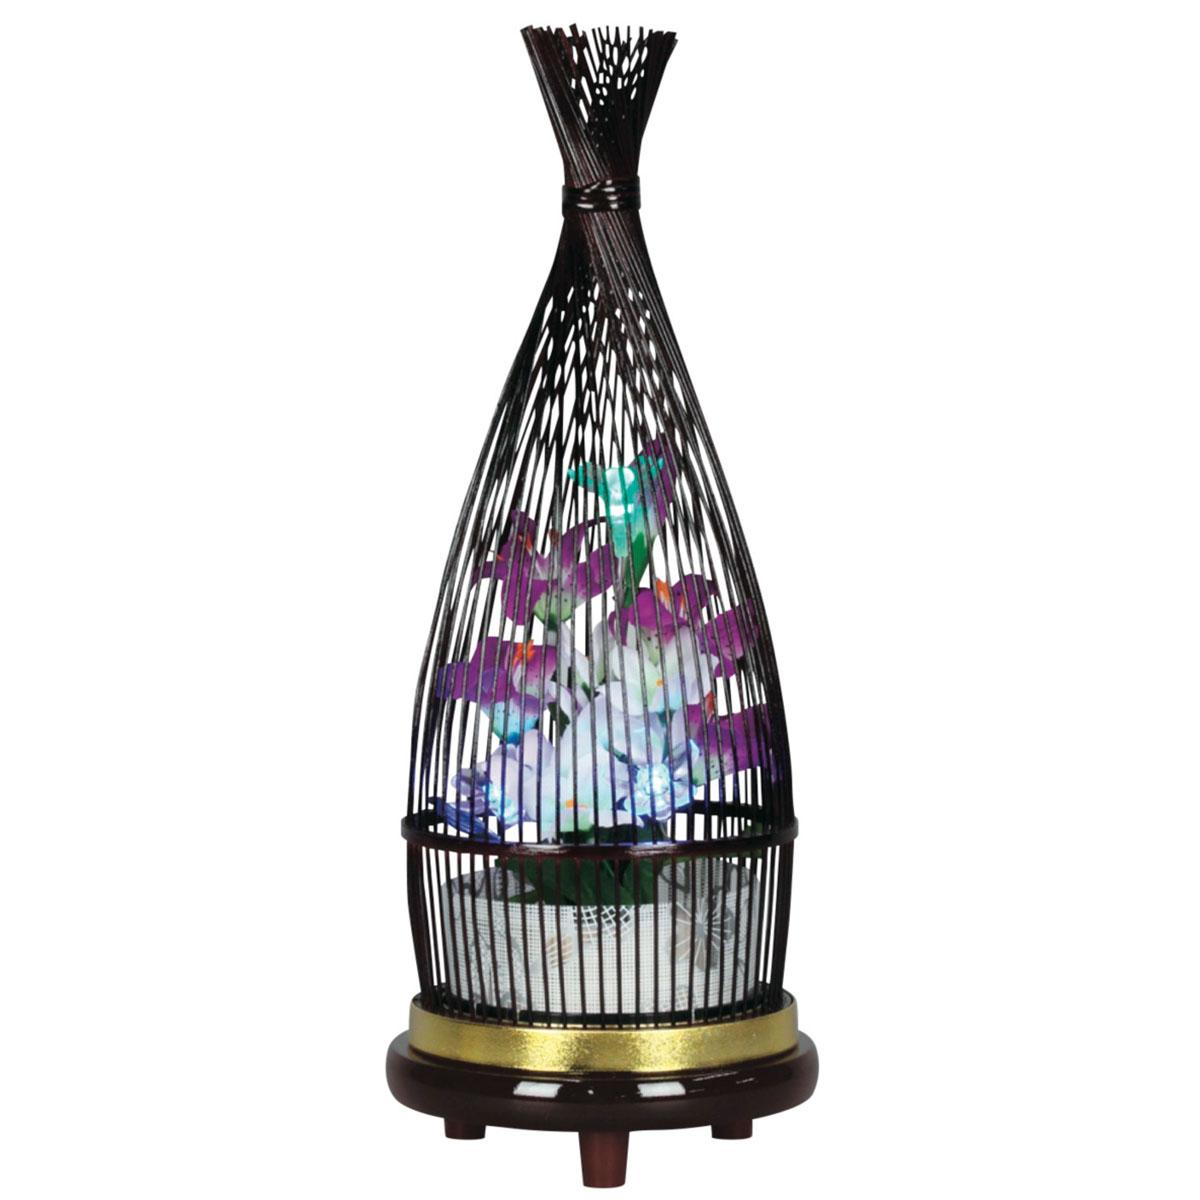 盆提灯 創作提灯 『 華ほたる タメ塗 』 BCG-8842-90-057電気コード式 LED 霊前灯 置き型 置き提灯